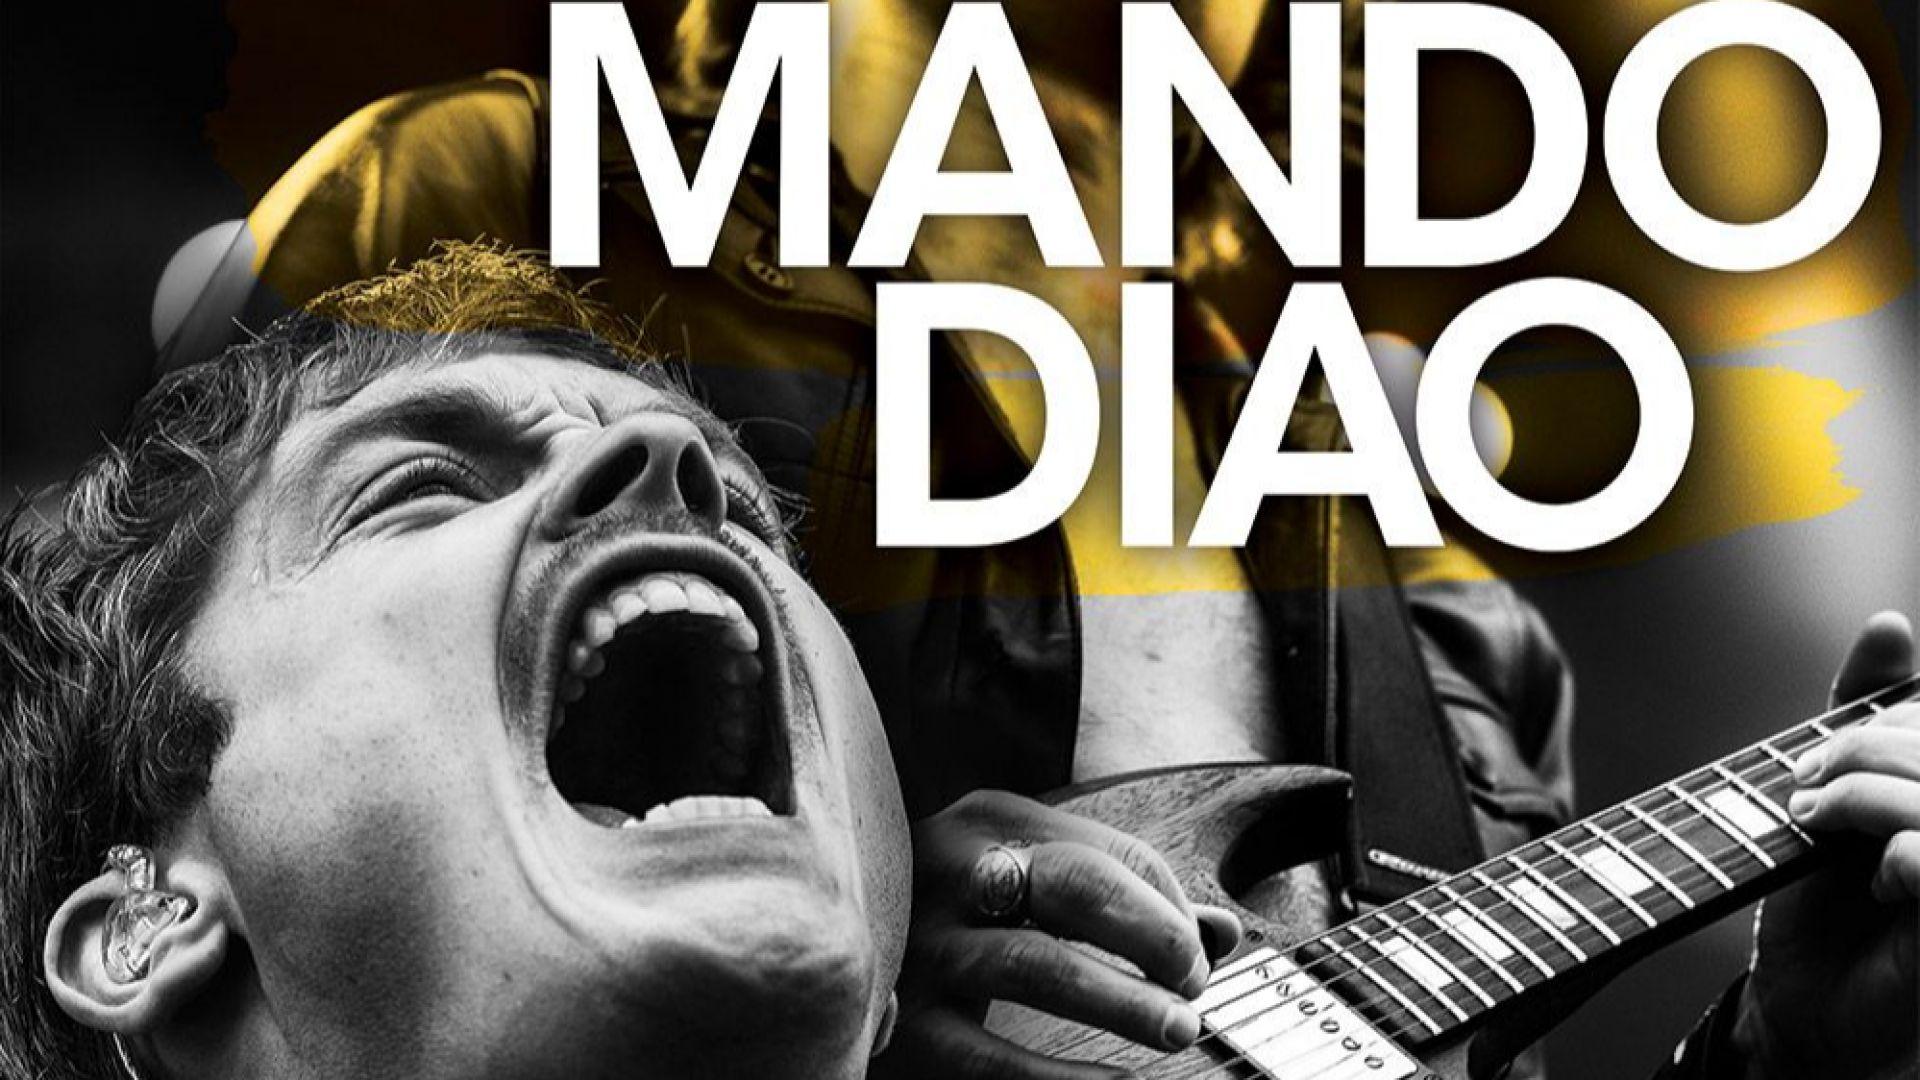 Само два дни до рок концерта на Mando Diao в София